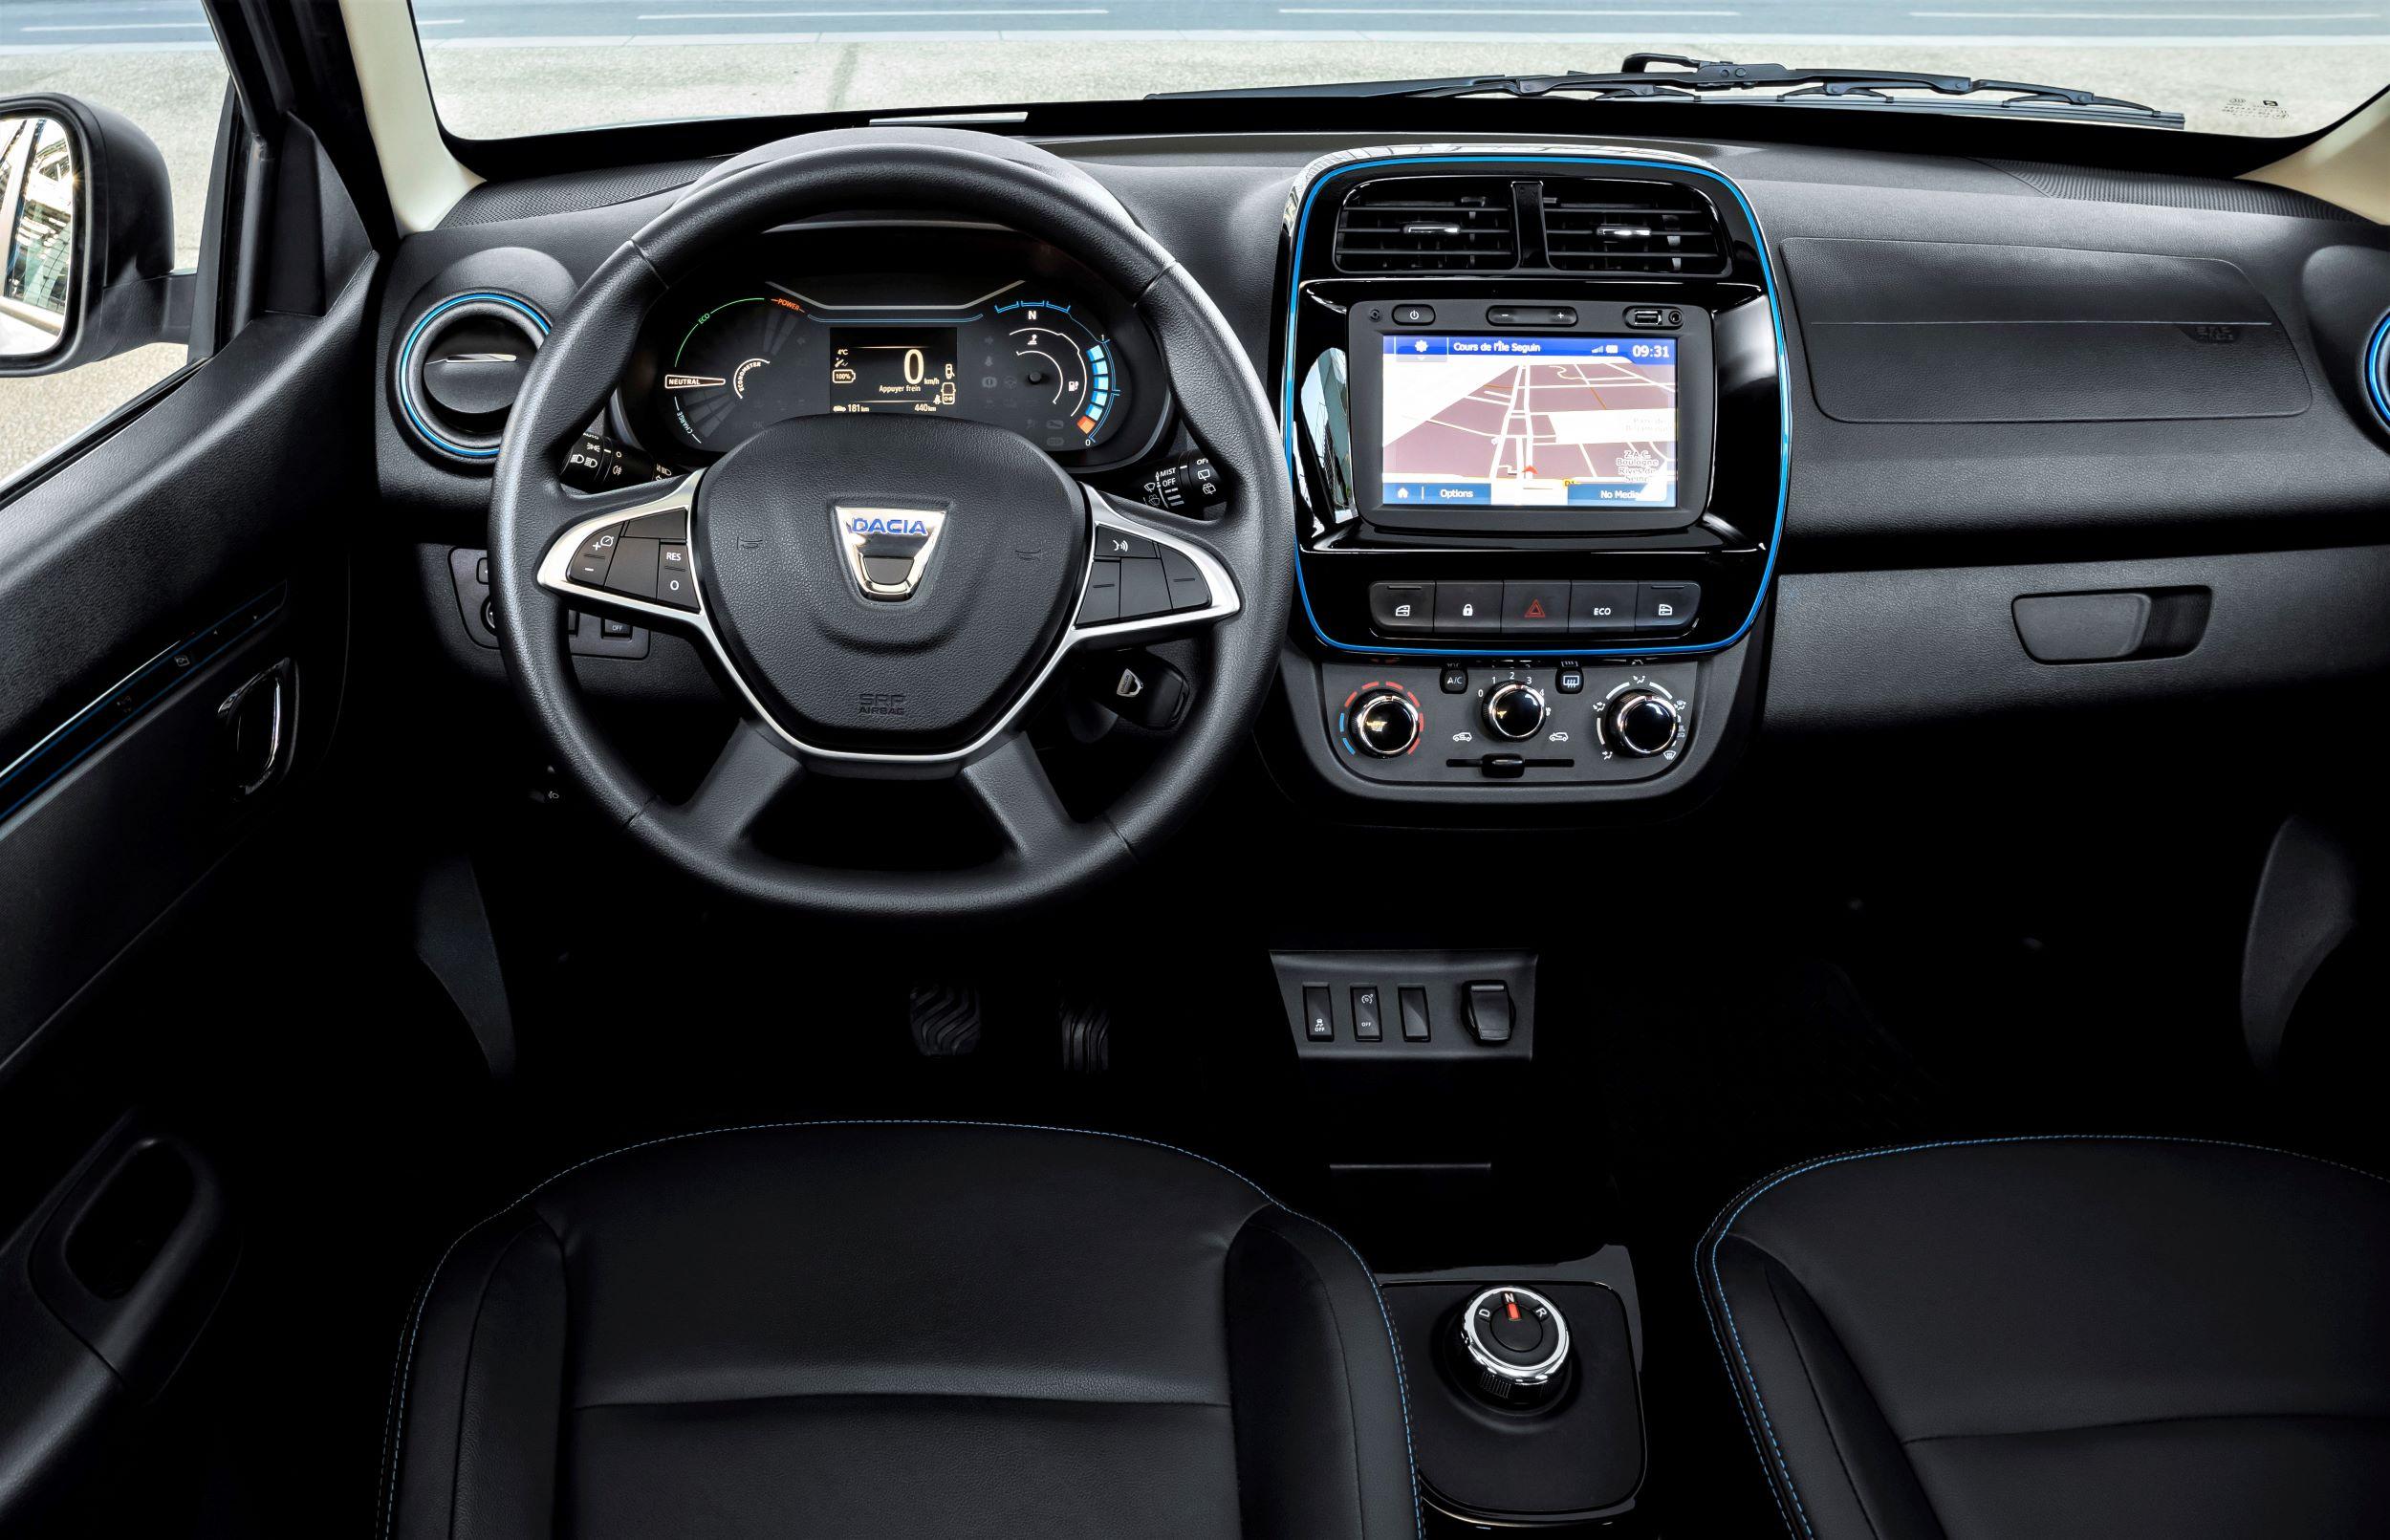 2021 - New Dacia Spring(1)